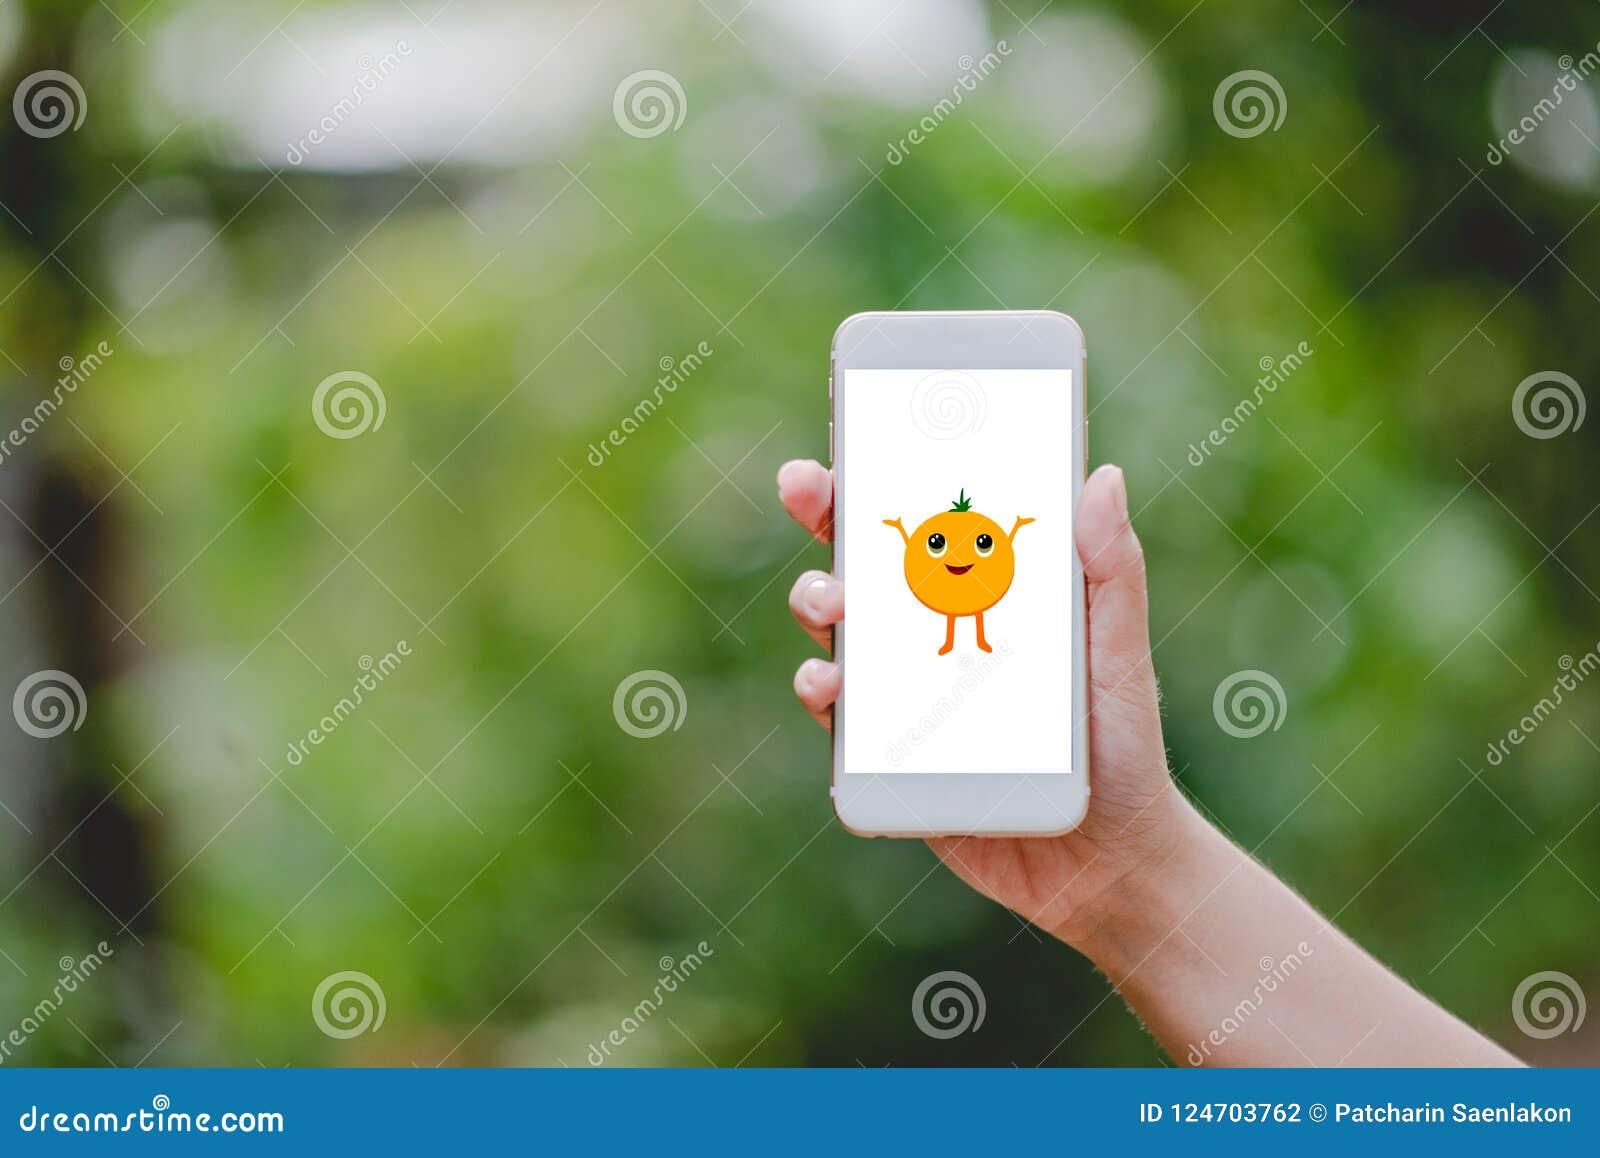 Χέρια και τηλέφωνα χαριτωμένα λίγη πορτοκαλιά οθόνη πράσινη φύση Technolo